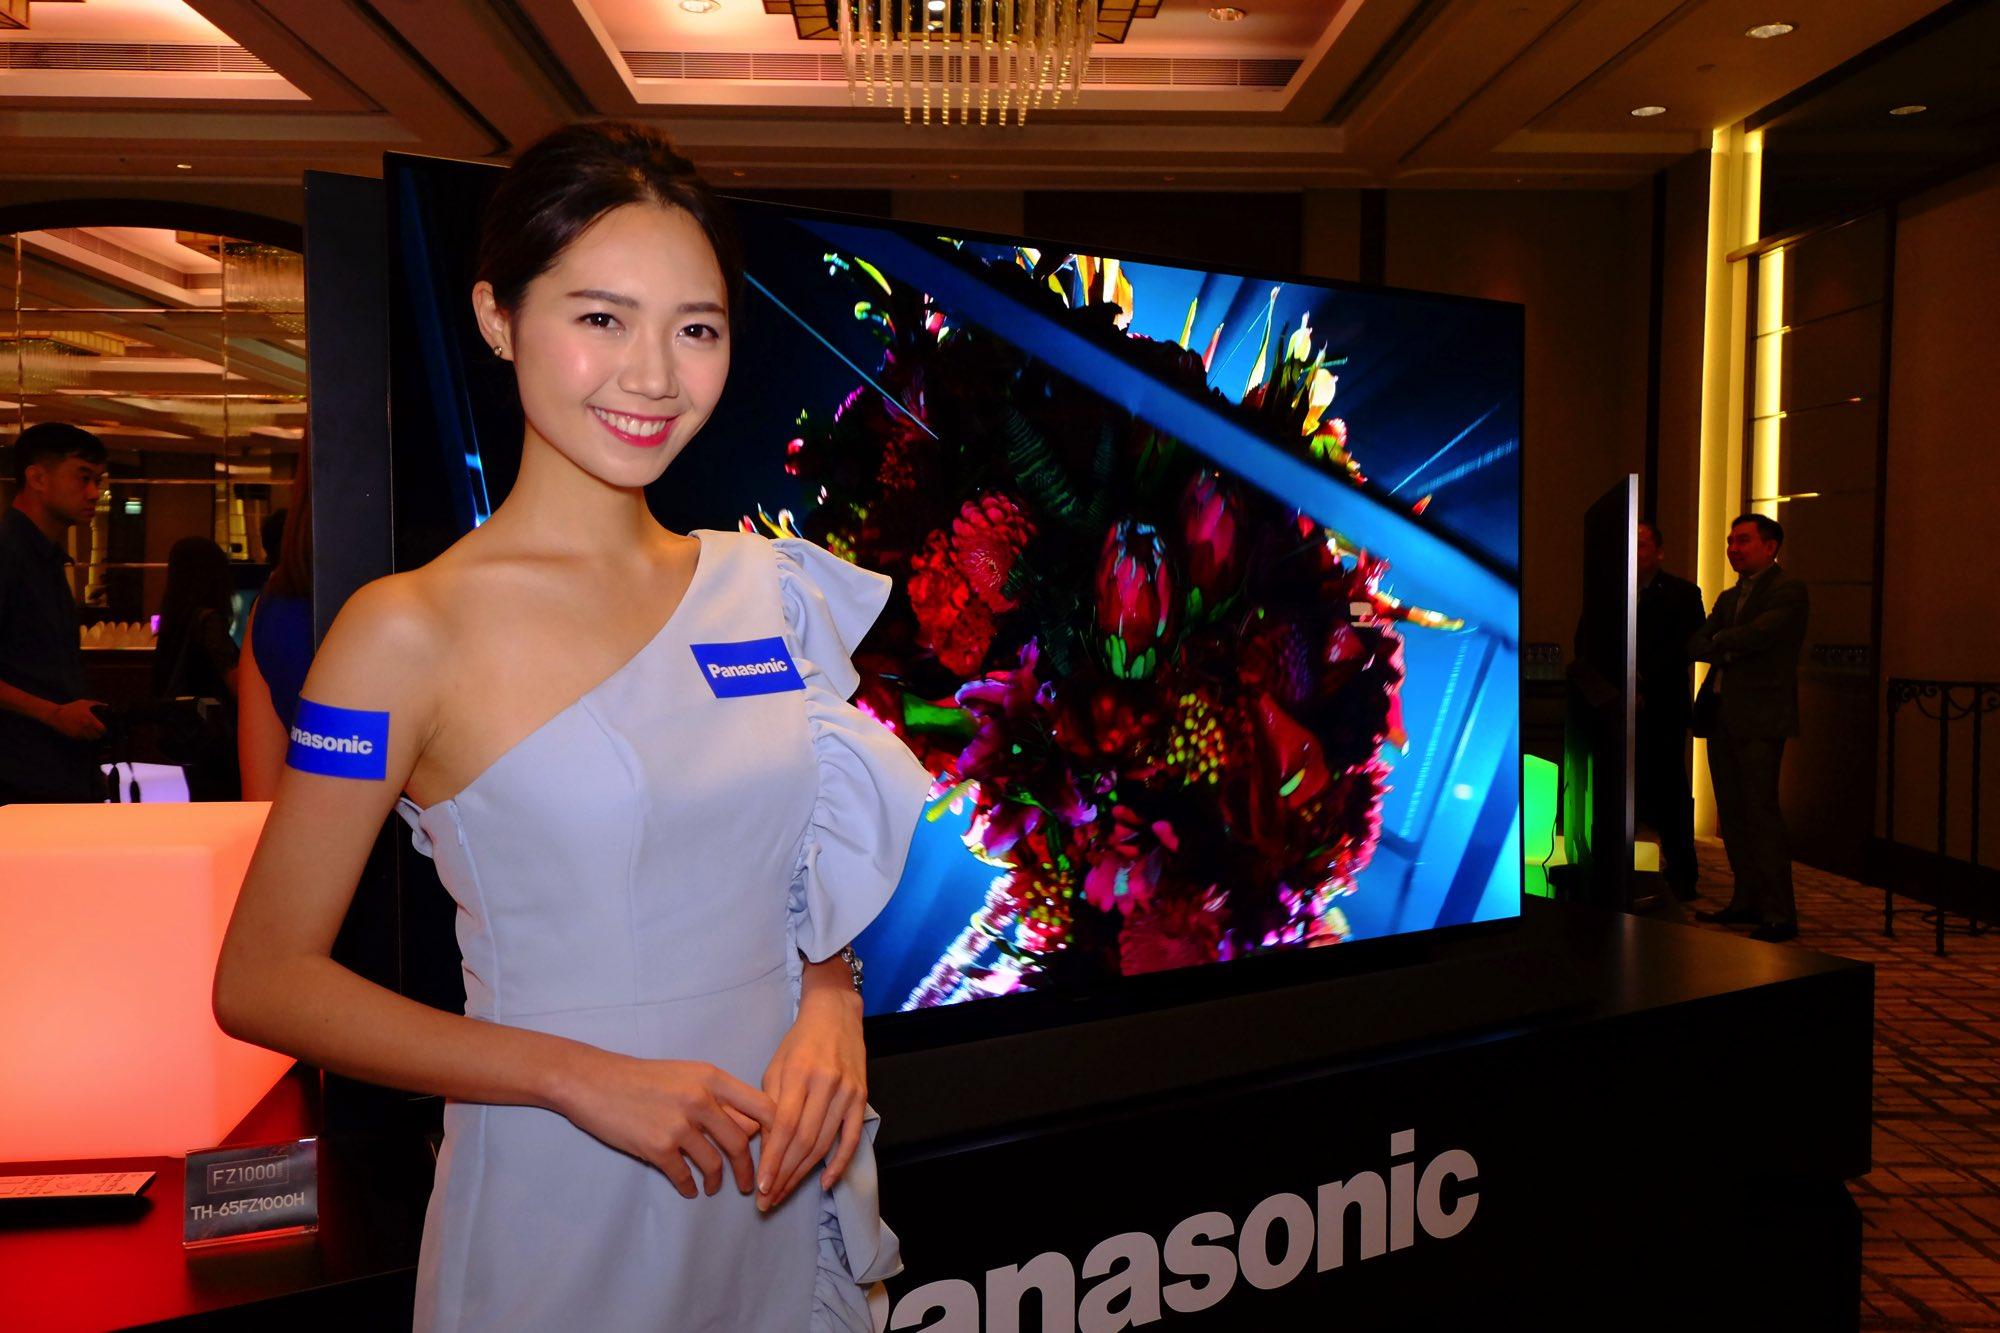 Panasonic 電視 2018 新系列轉玩薄機身  OLED 兼 3+3 原色提升畫質